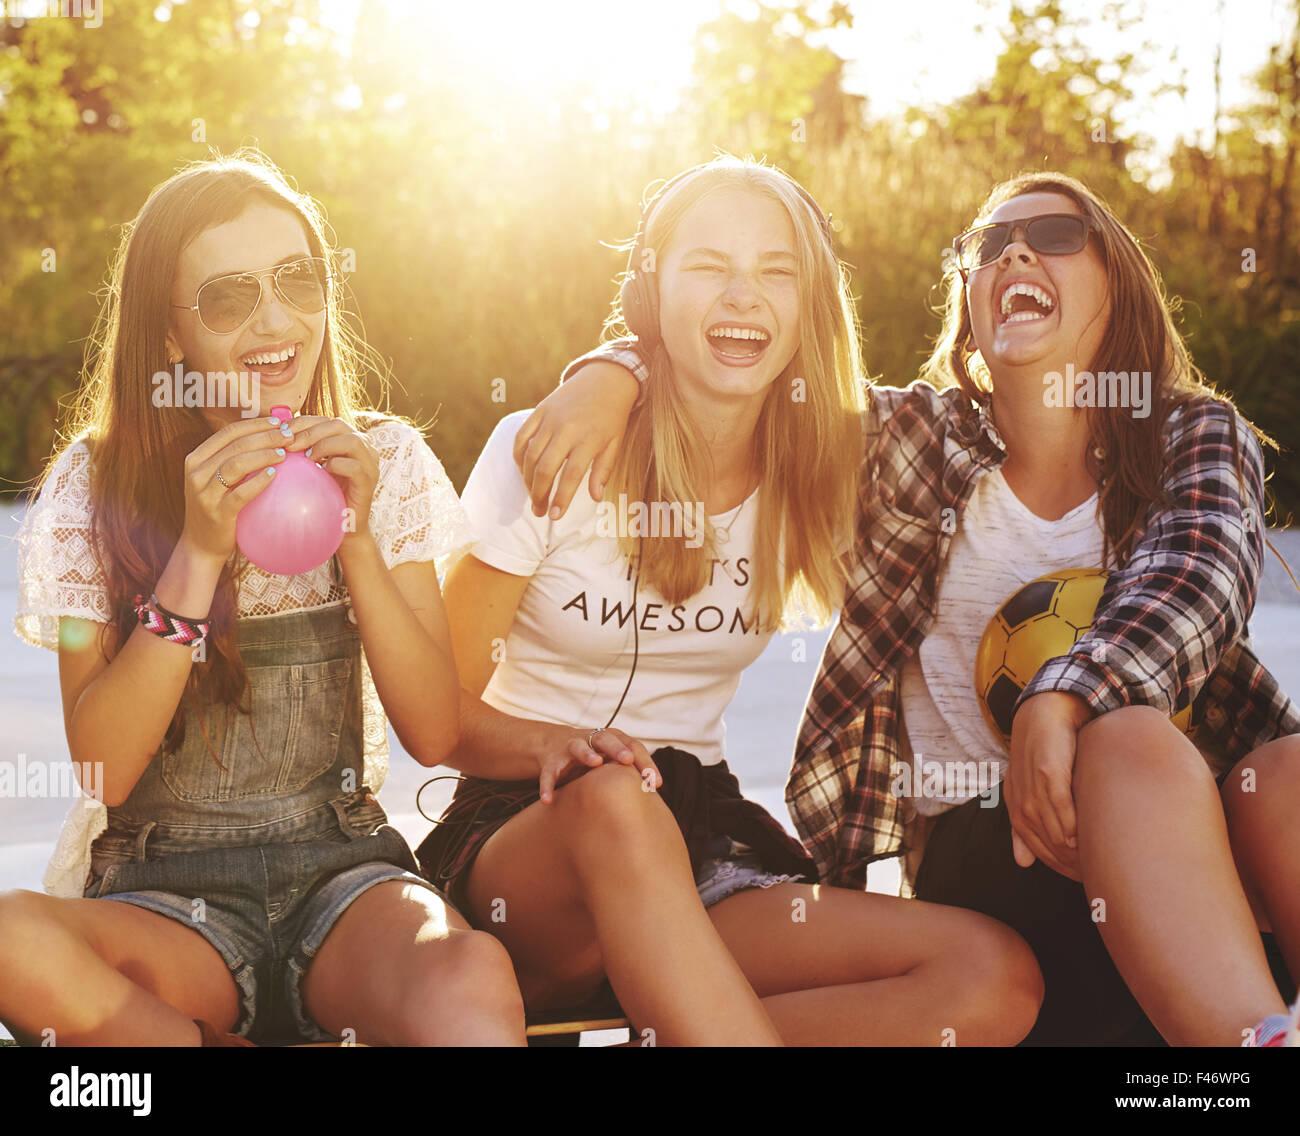 El grupo de niñas riendo mientras está sentado afuera disfrutando del verano Imagen De Stock